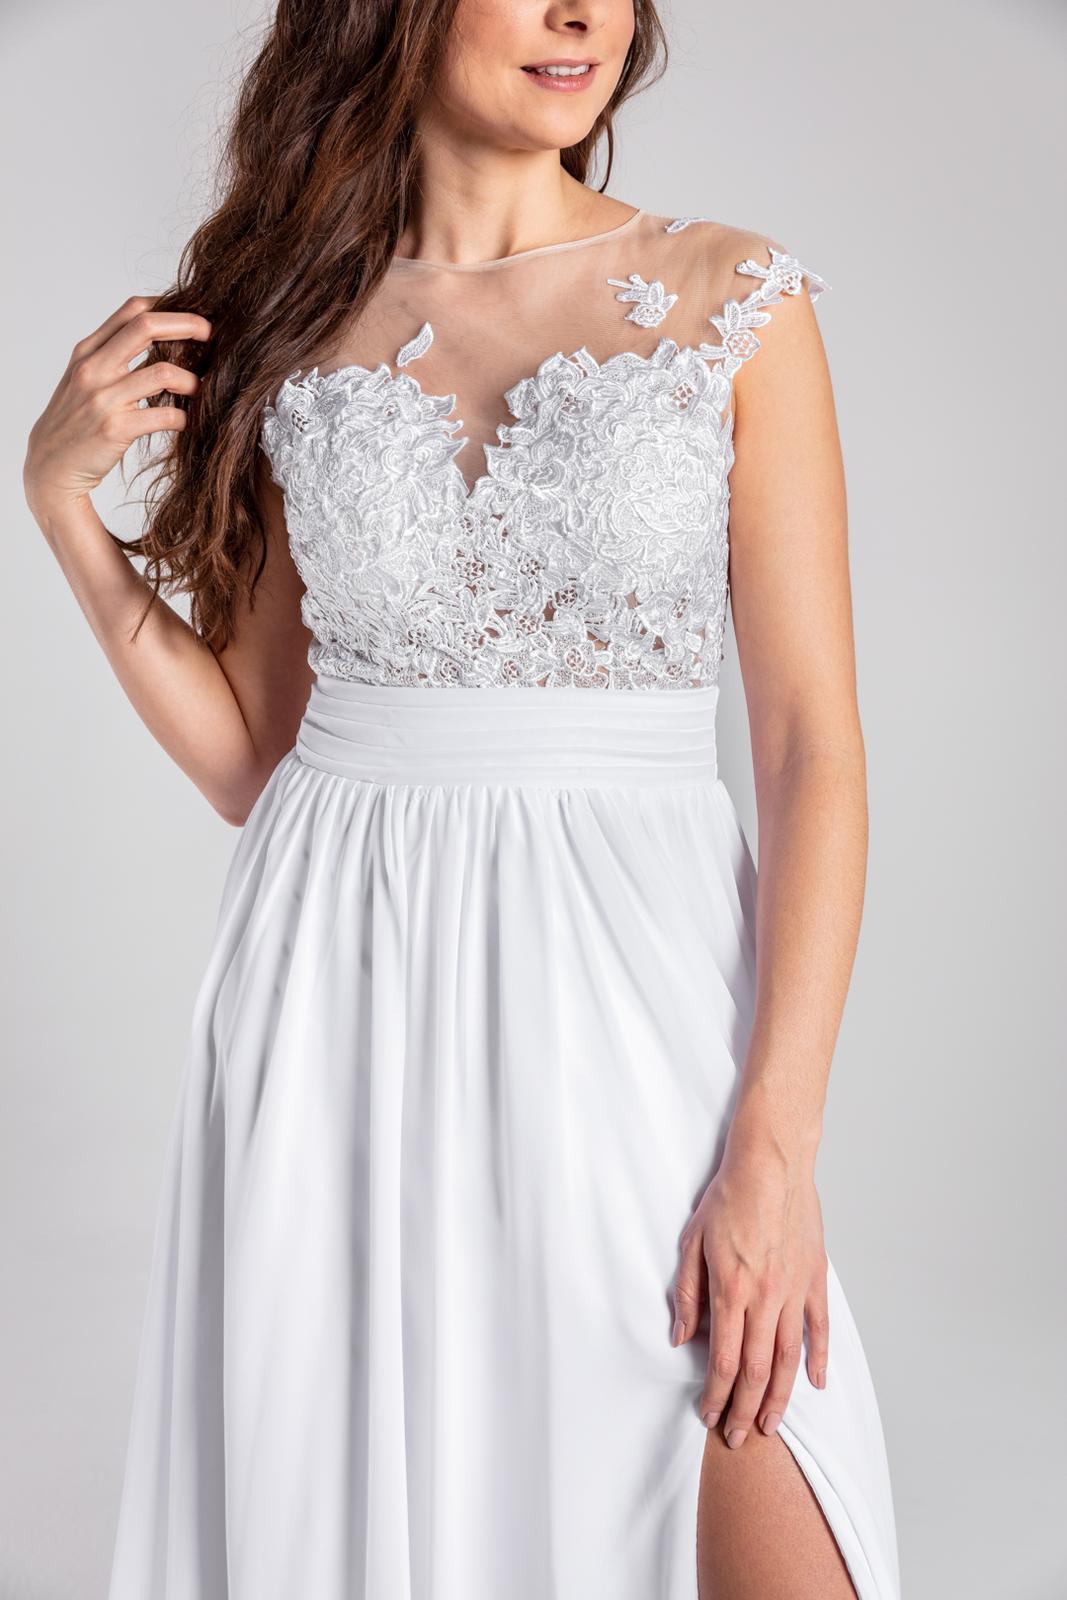 Svatební šaty v BOHO stylu se sexy rozparkem 34-40 - Obrázek č. 1